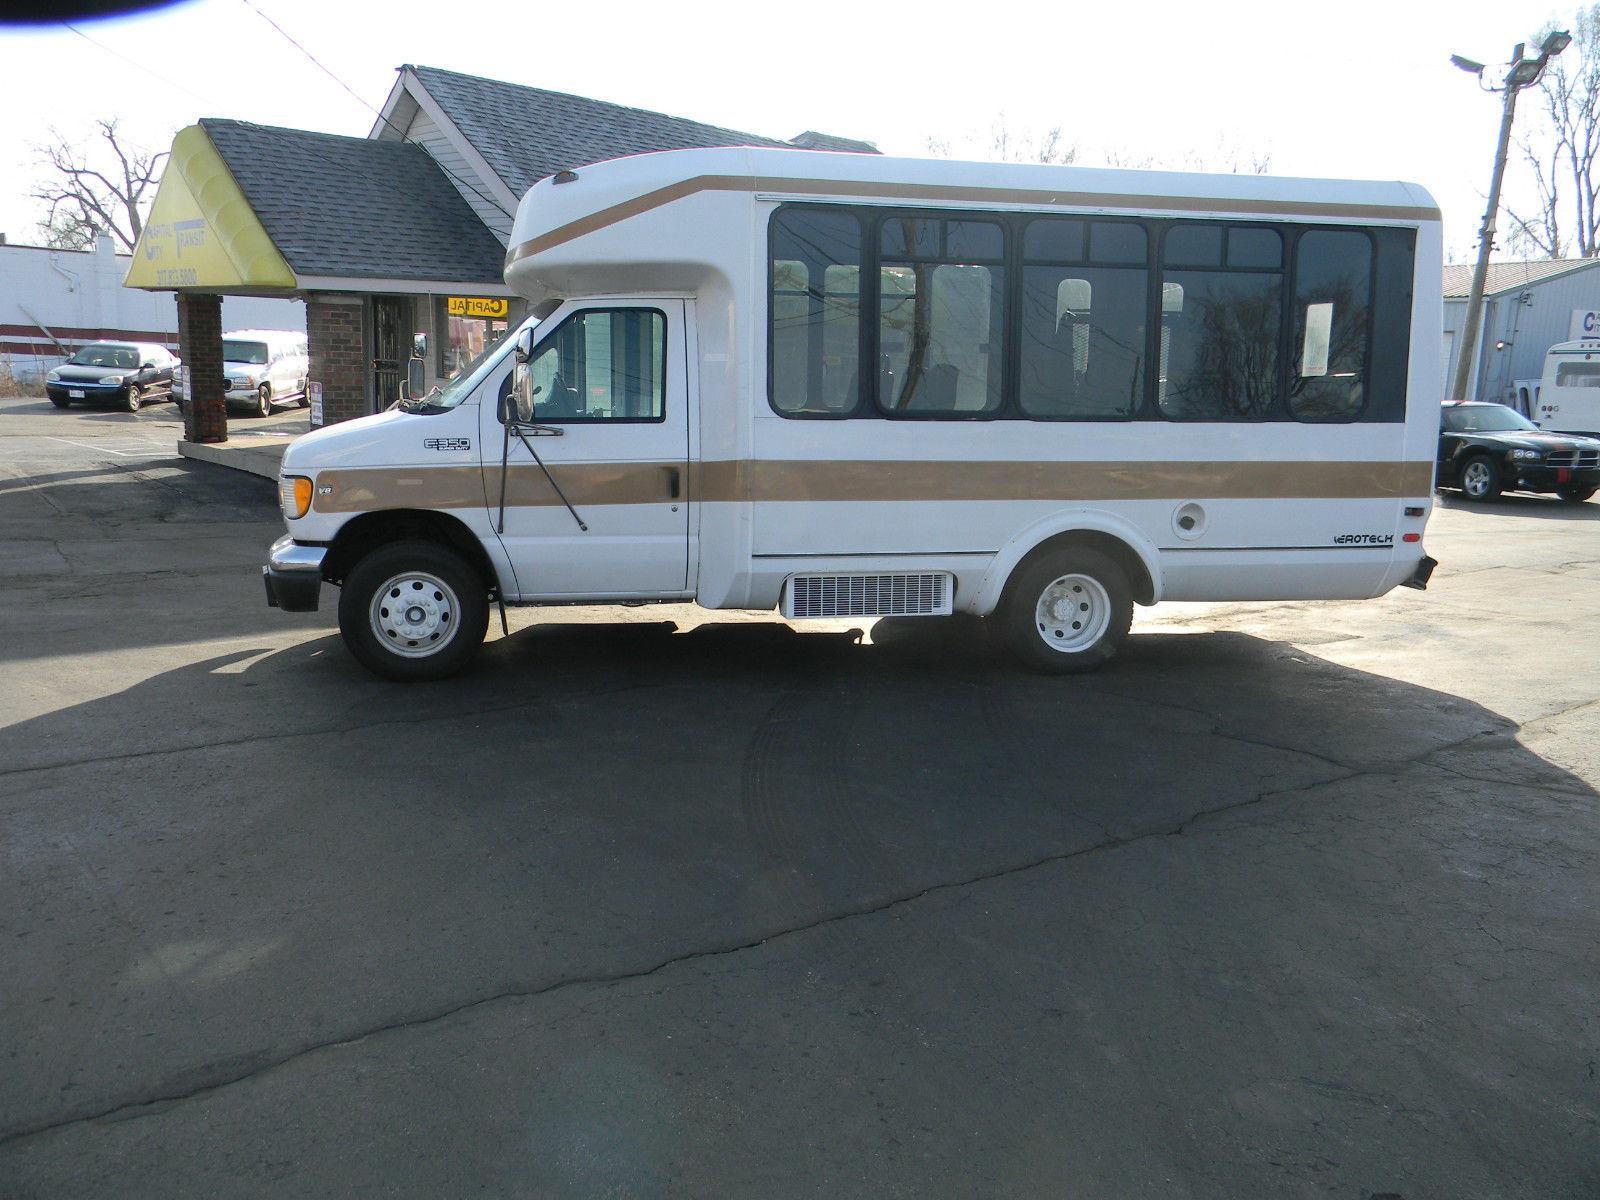 F550 For Sale >> 2000 Ford E350 Eldorado Wheelchair bus for sale